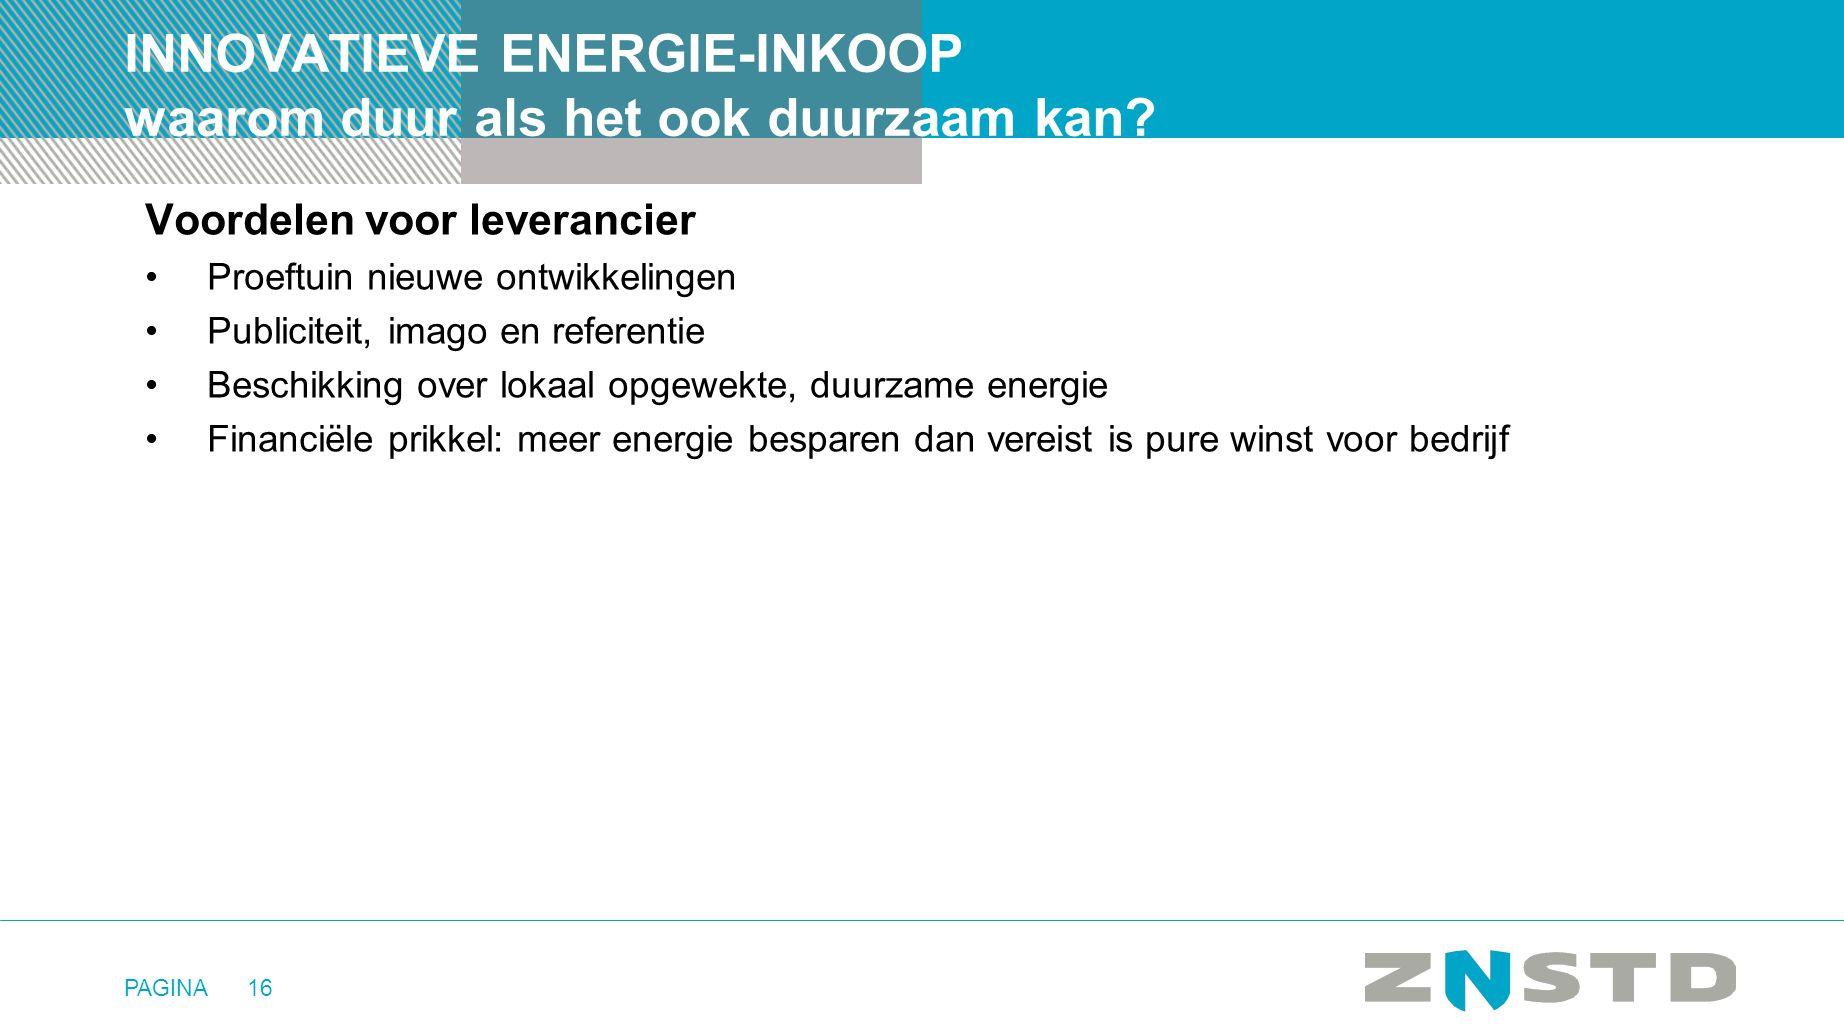 PAGINA16 INNOVATIEVE ENERGIE-INKOOP waarom duur als het ook duurzaam kan? Voordelen voor leverancier •Proeftuin nieuwe ontwikkelingen •Publiciteit, im